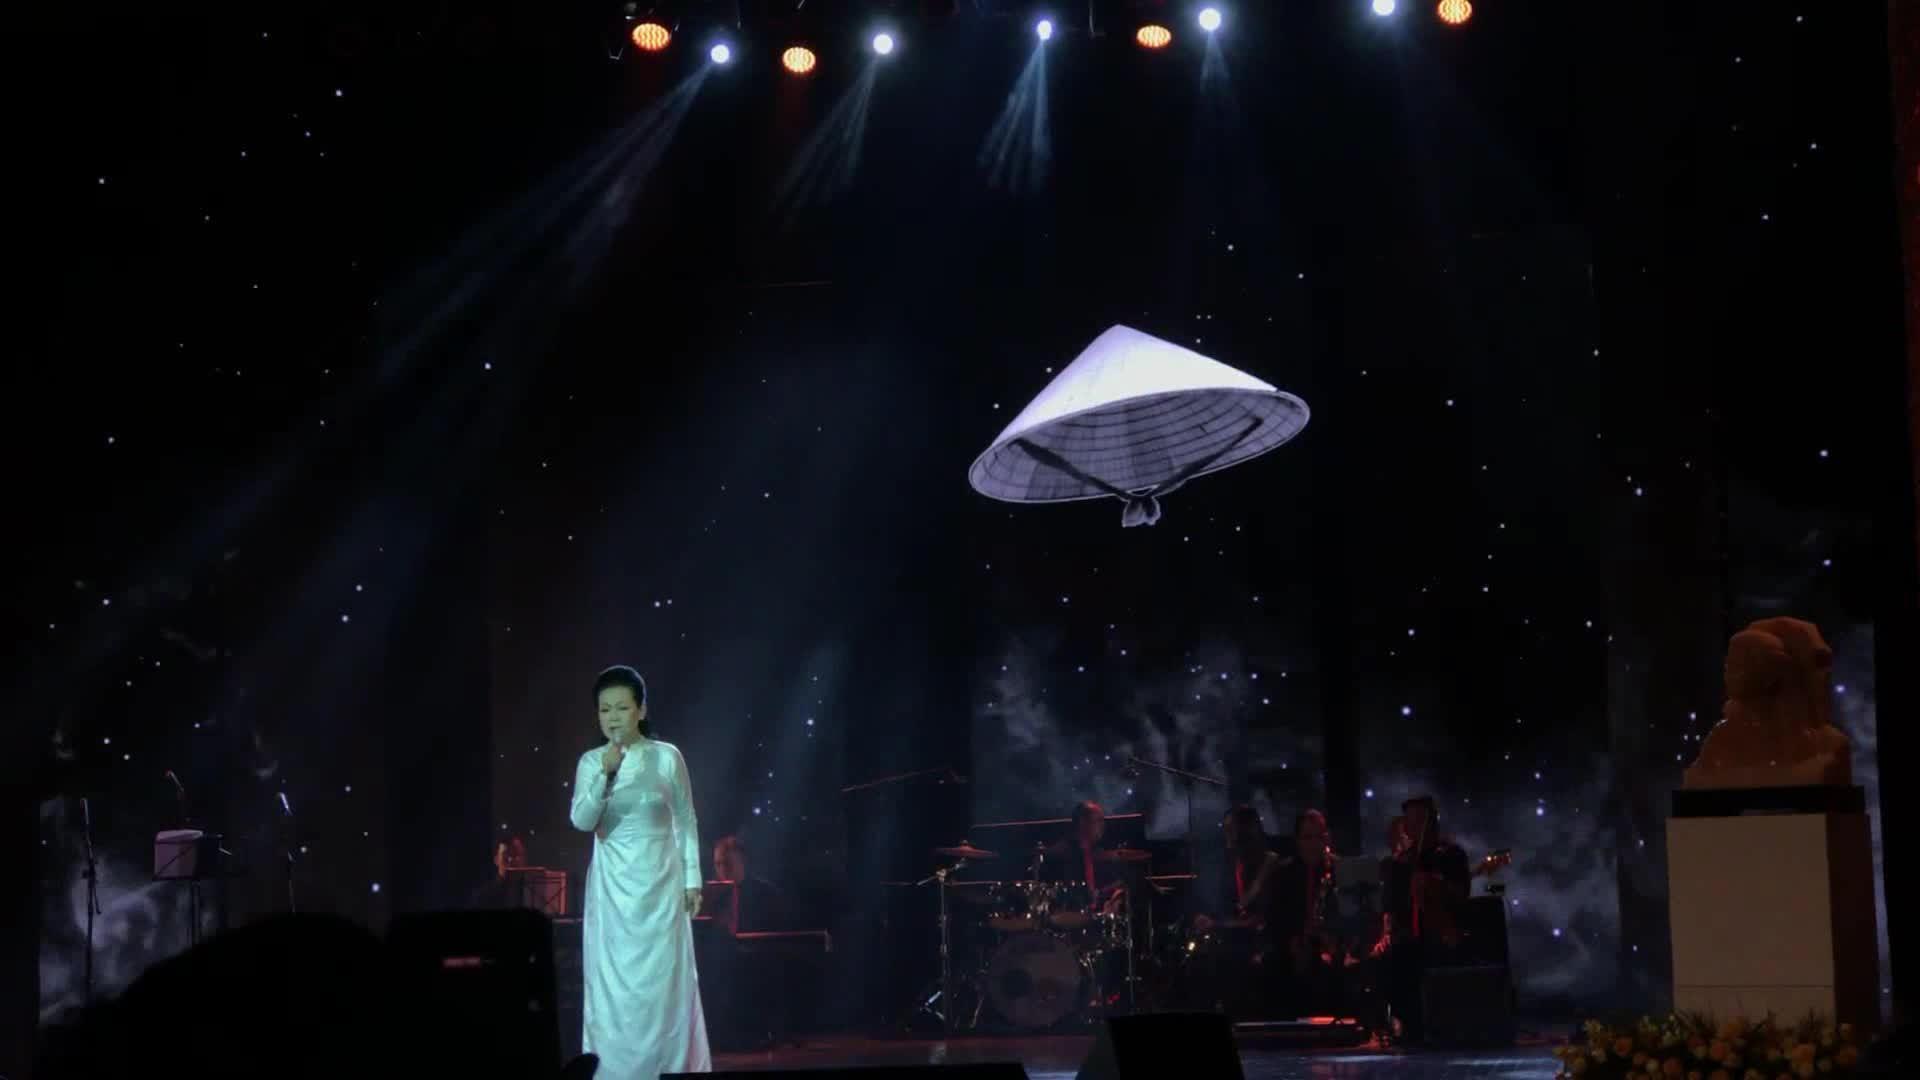 Khánh Ly: 'Nghe nhạc Trịnh Công Sơn, tôi không còn tuyệt vọng'